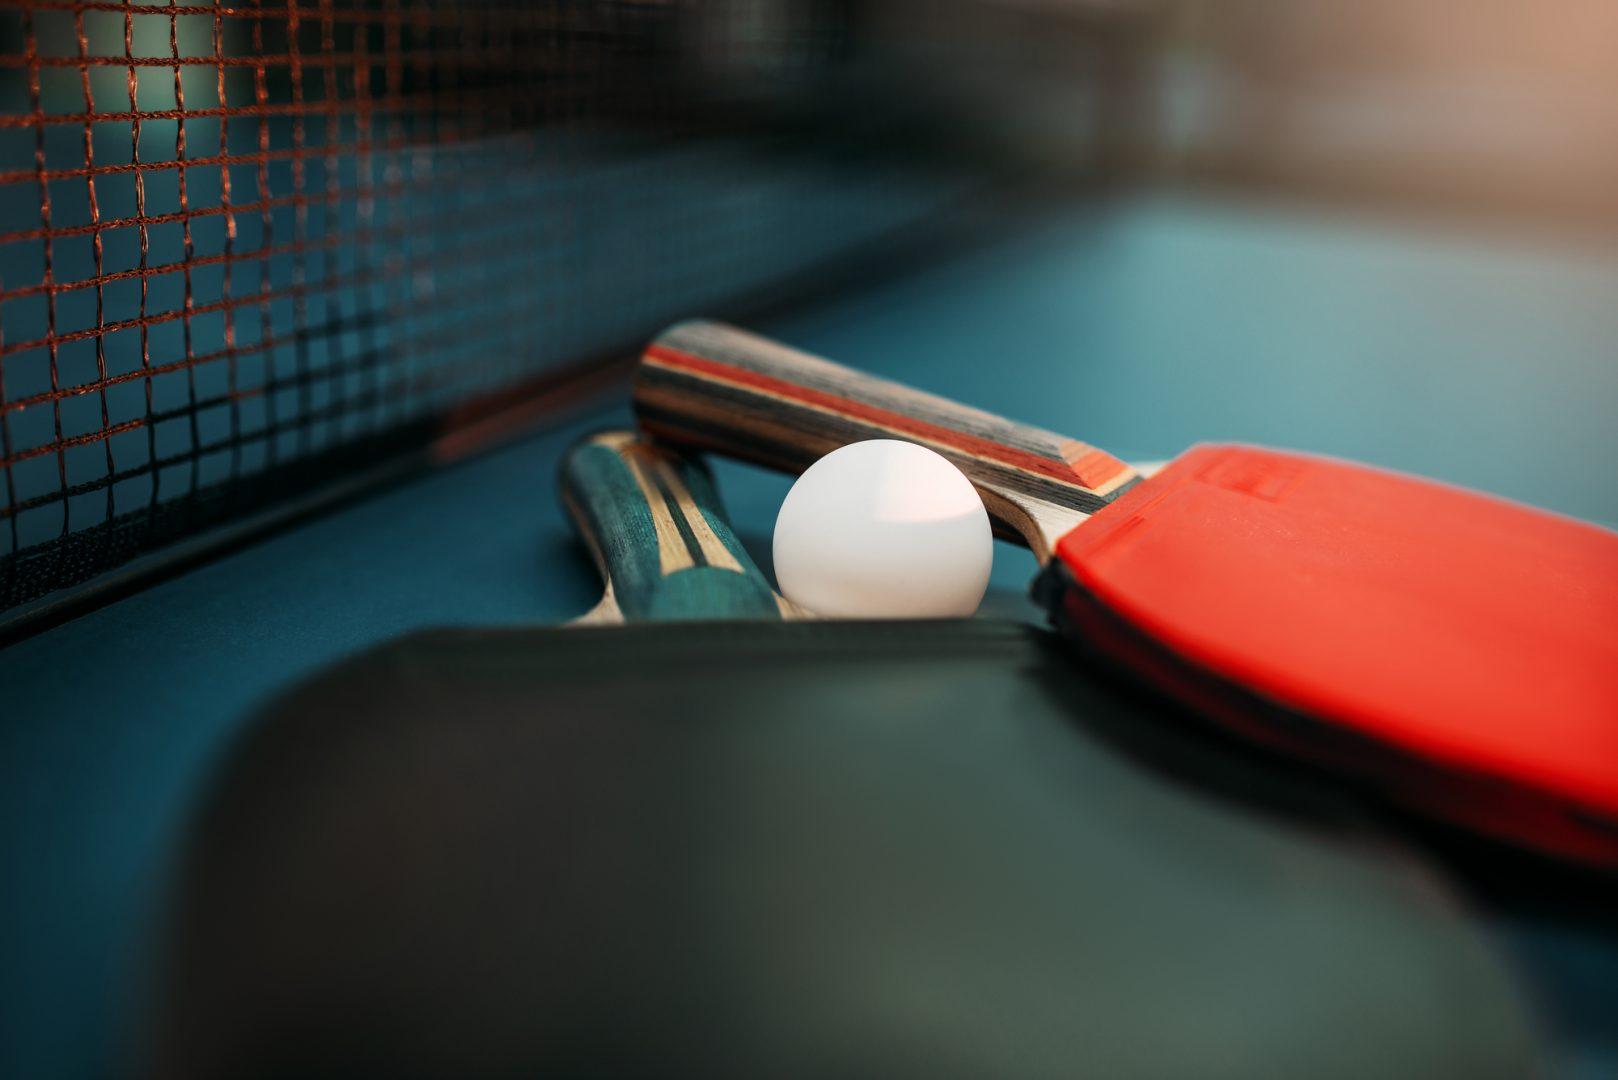 卓球が確実に上達する練習方法・メニューとは?知っておきたい練習のポイント